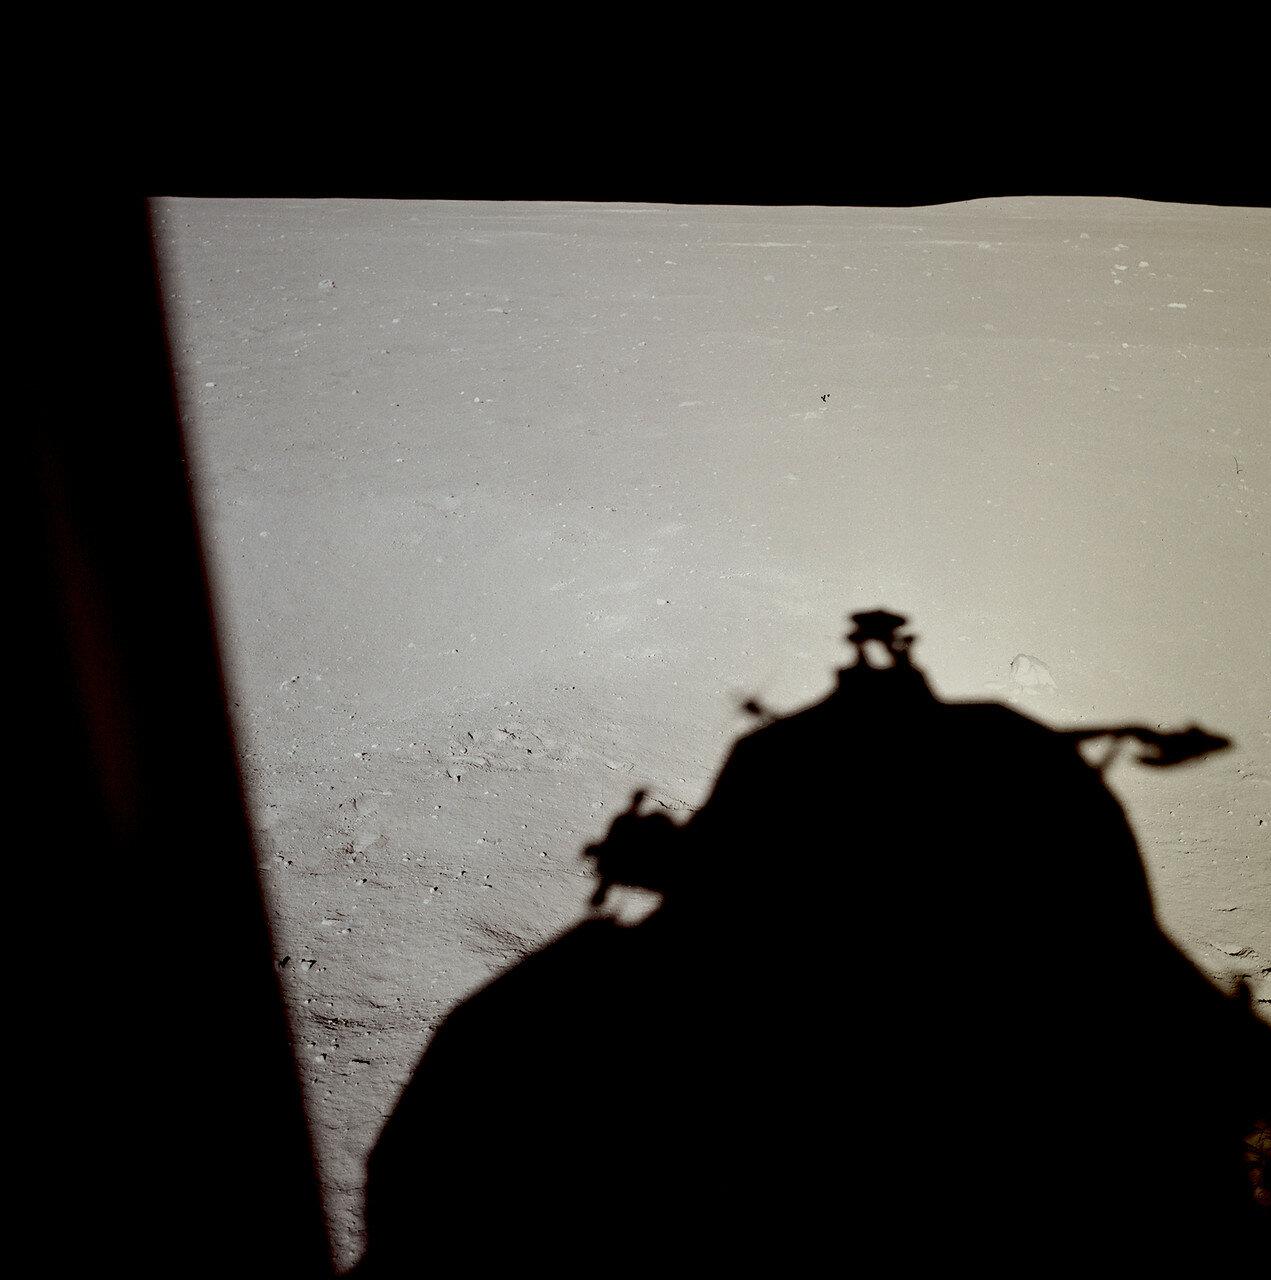 В 102 часа 33 минуты 05 секунд полётного времени вблизи периселения орбиты снижения (примерно в 400 км к востоку от запланированного района посадки) был включён двигатель посадочной ступени лунного модуля, начался этап торможения.